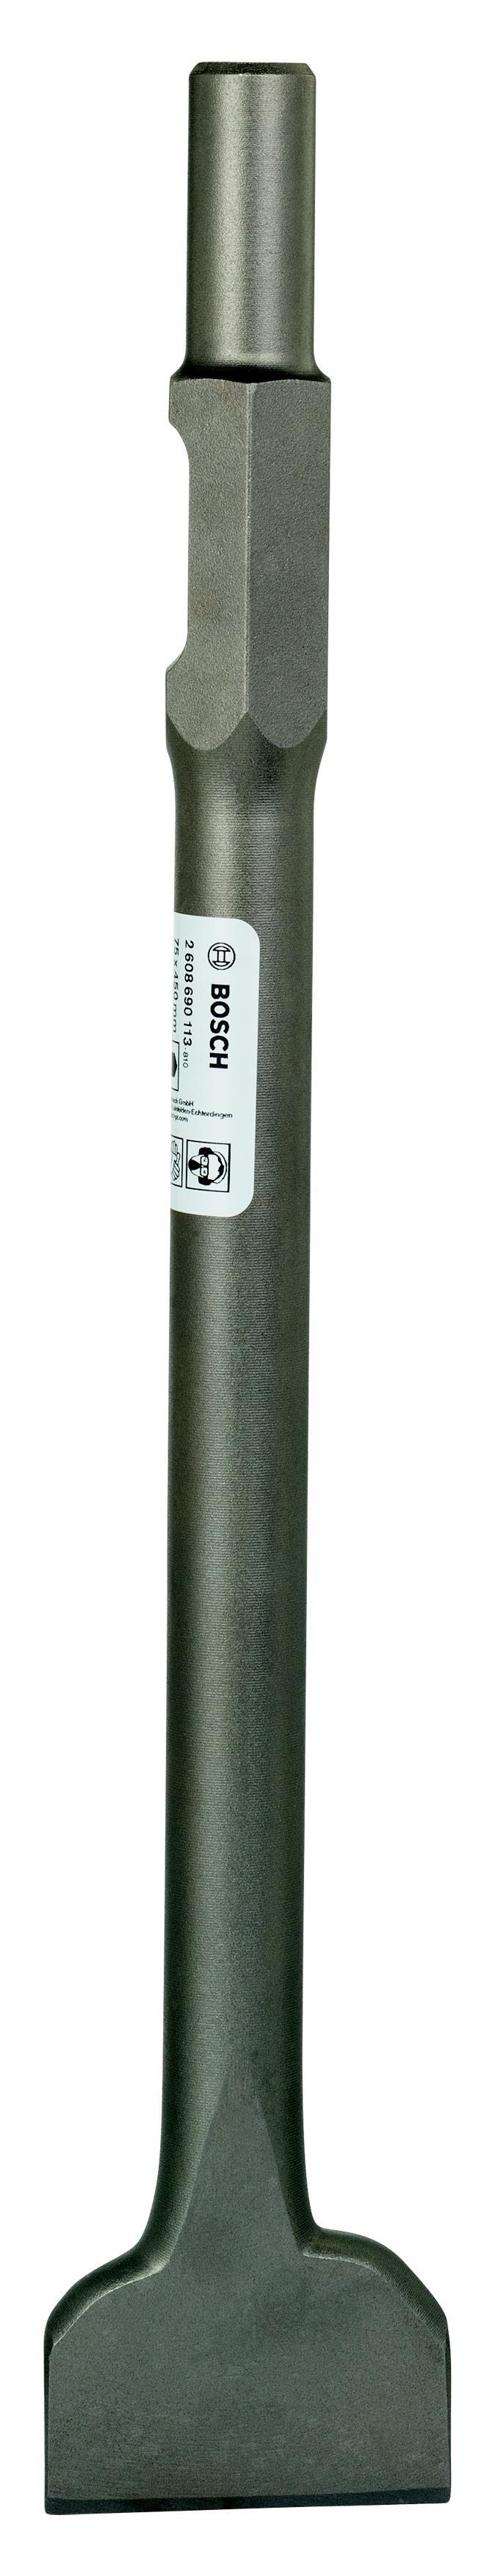 Купить Зубило Bosch Hex30 75x450 лопаточное (2.608.690.113), Германия